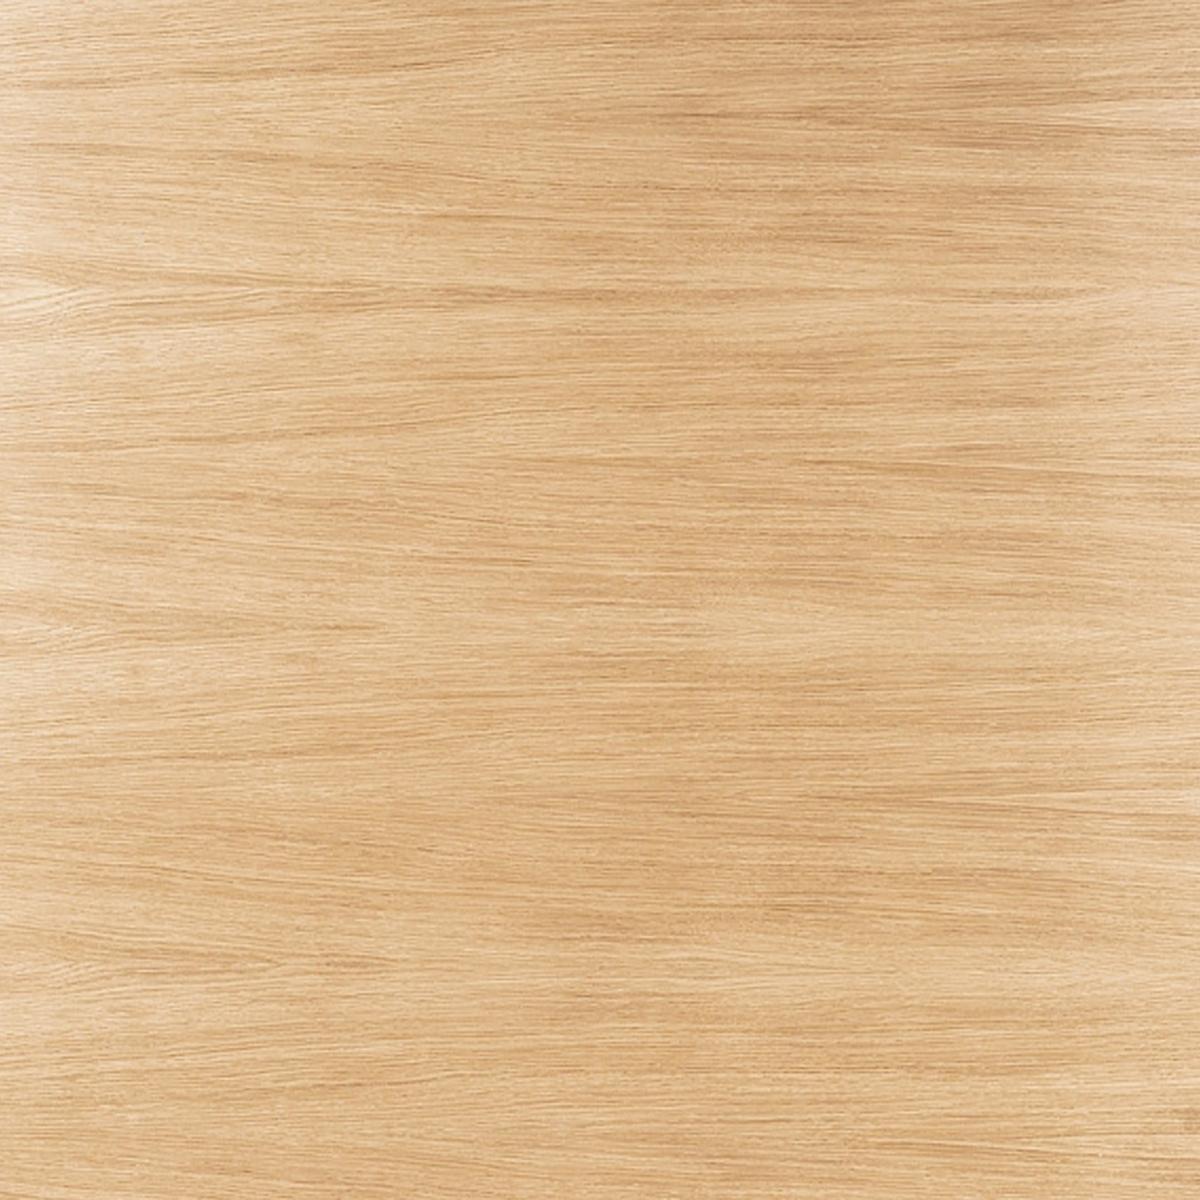 Esstisch Furnier 504159-1